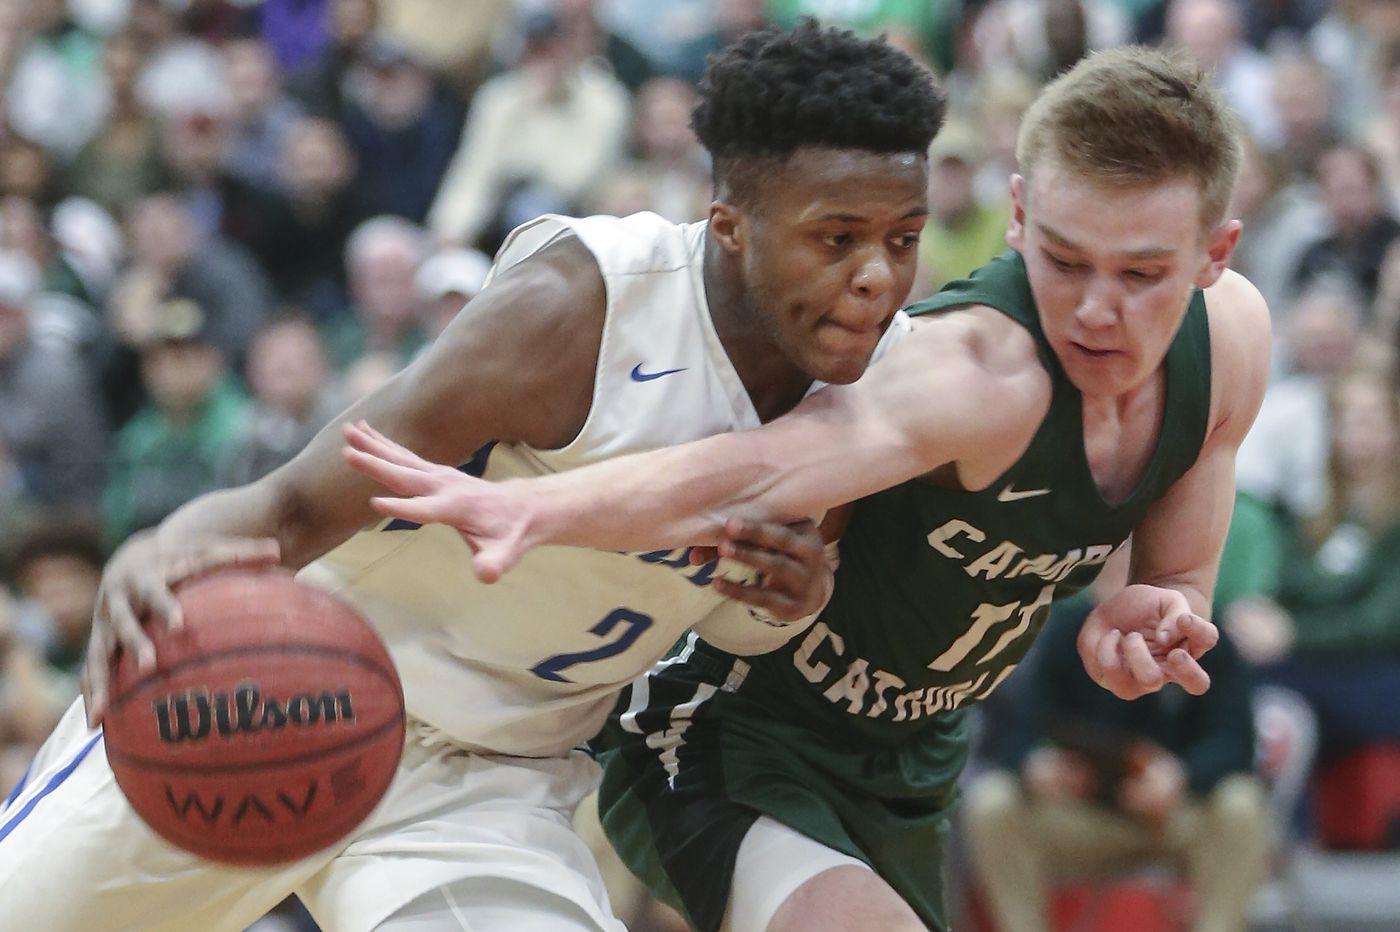 Camden Catholic seniors set sights on state boys' basketball title